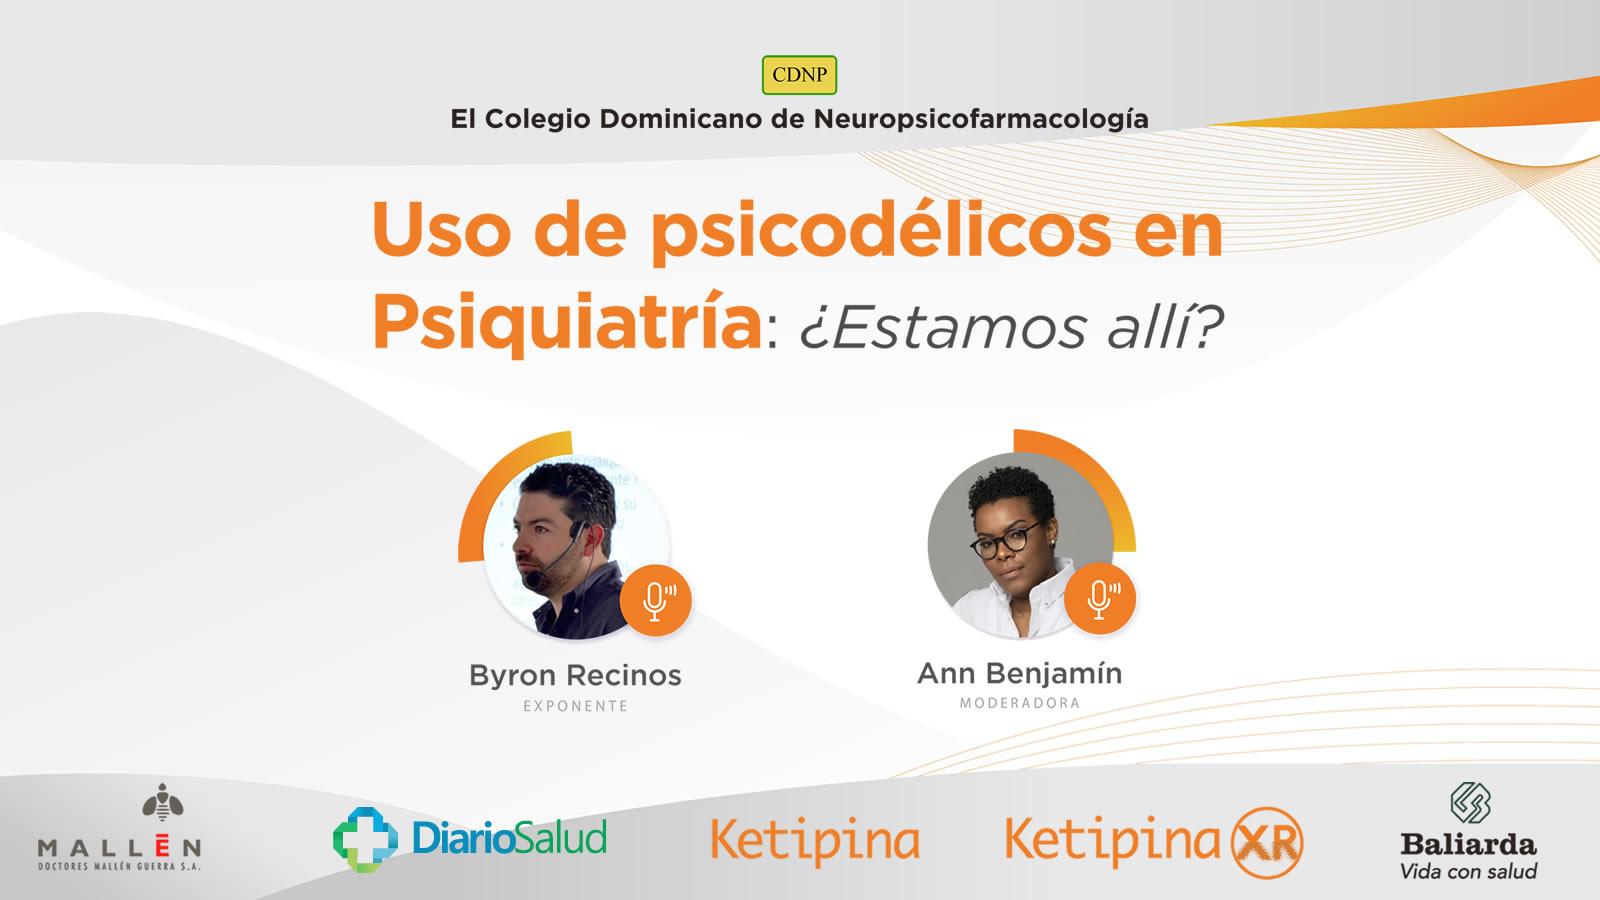 Colegio de Neuropsicofarmacología invita a webinar sobre uso de psicodélicos en Psiquiatría